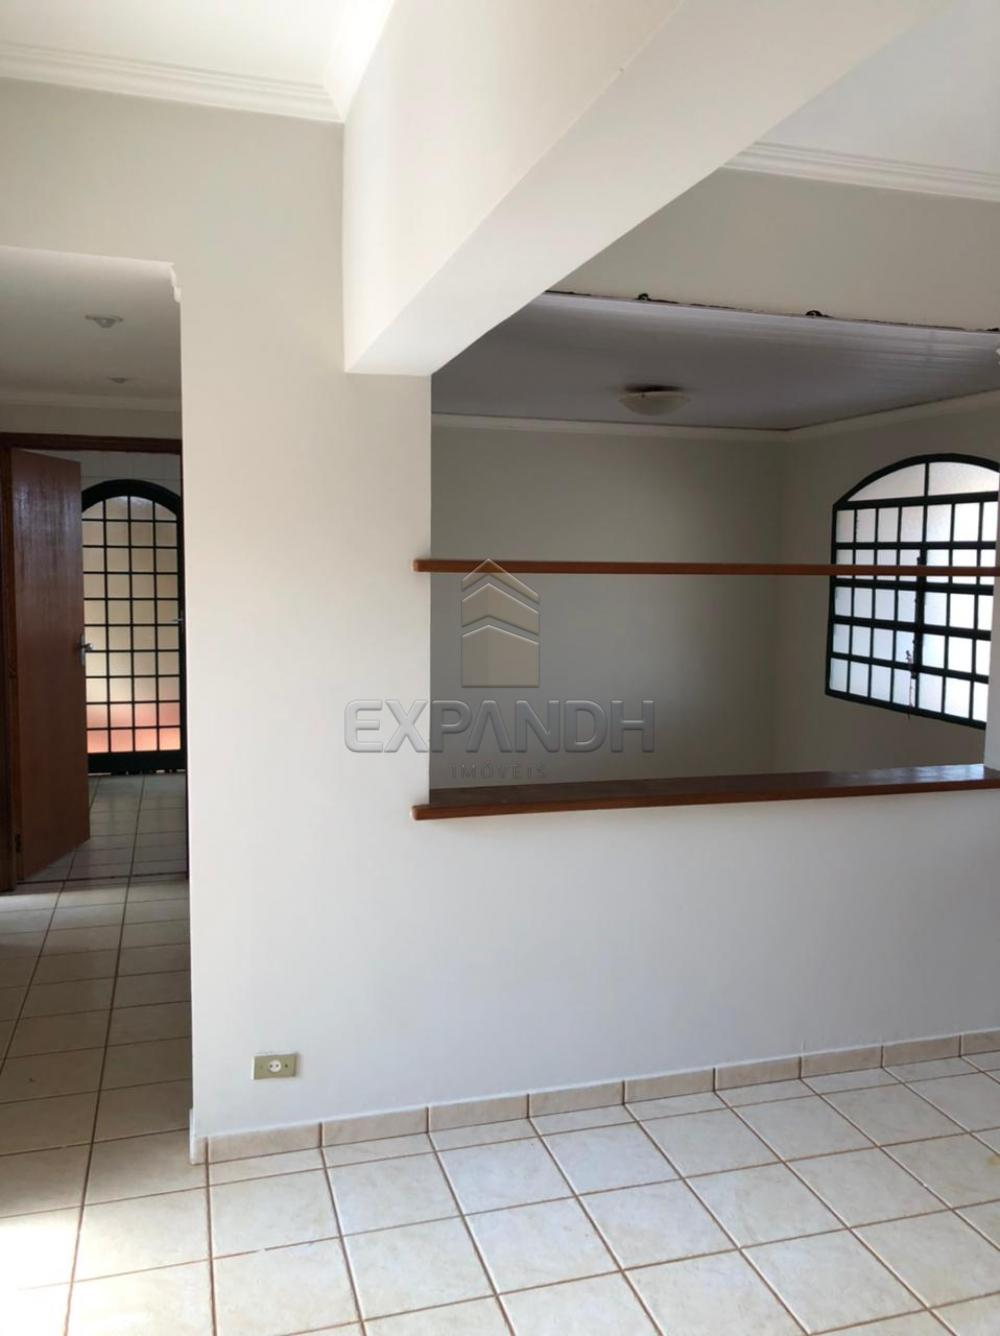 Alugar Casas / Padrão em Sertãozinho R$ 2.700,00 - Foto 6